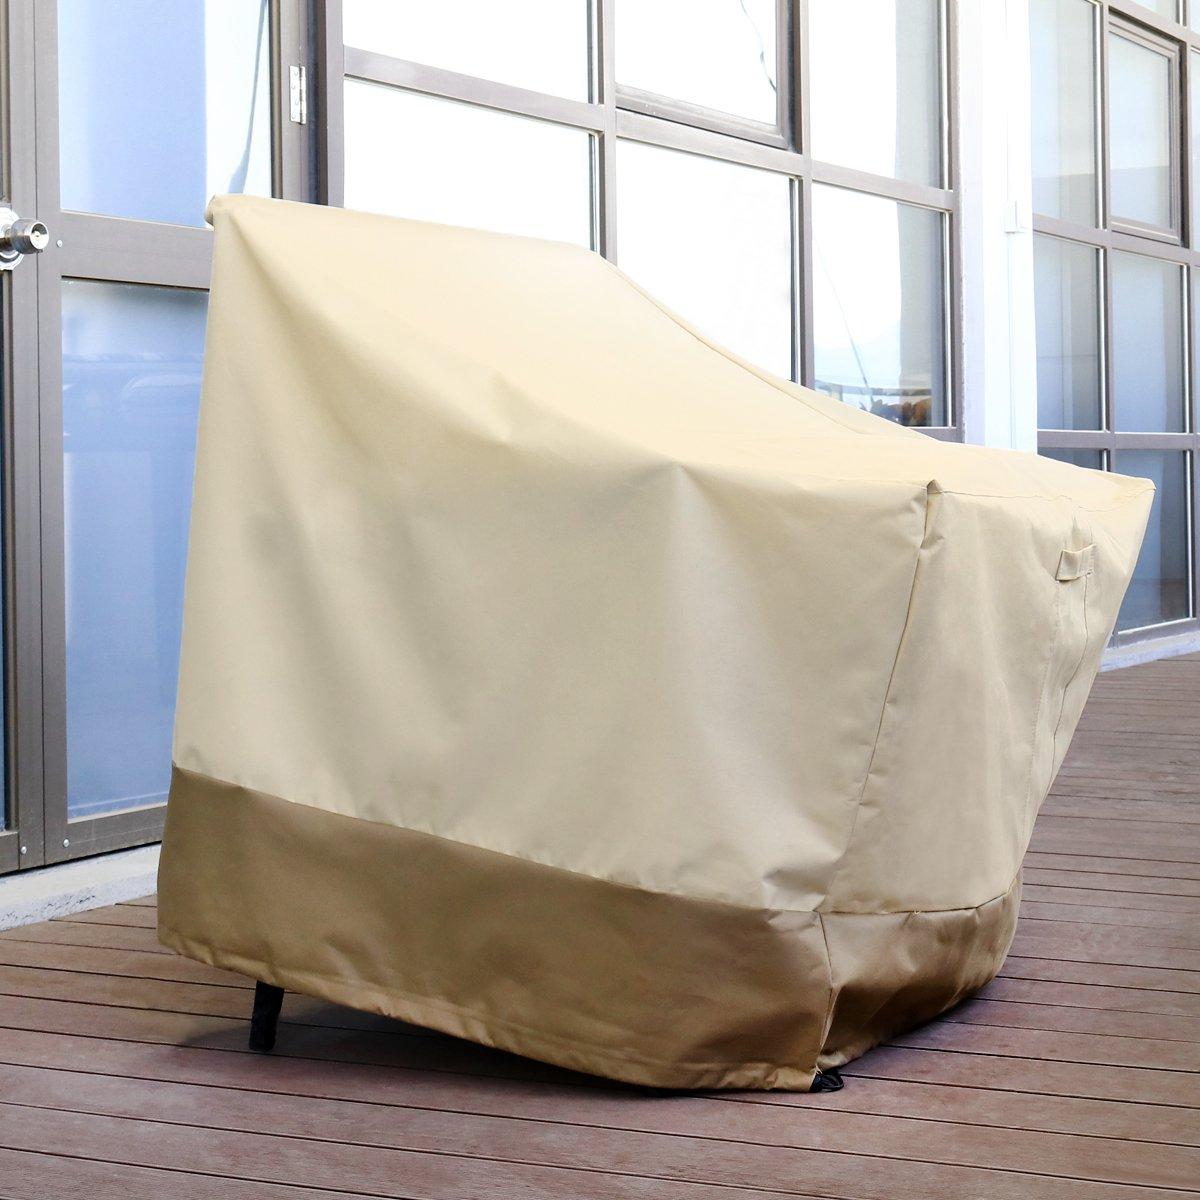 WINOMO Copertura Protettiva per Sedie Impilabili da Giardino Telo di Copertura da lounge Esterno